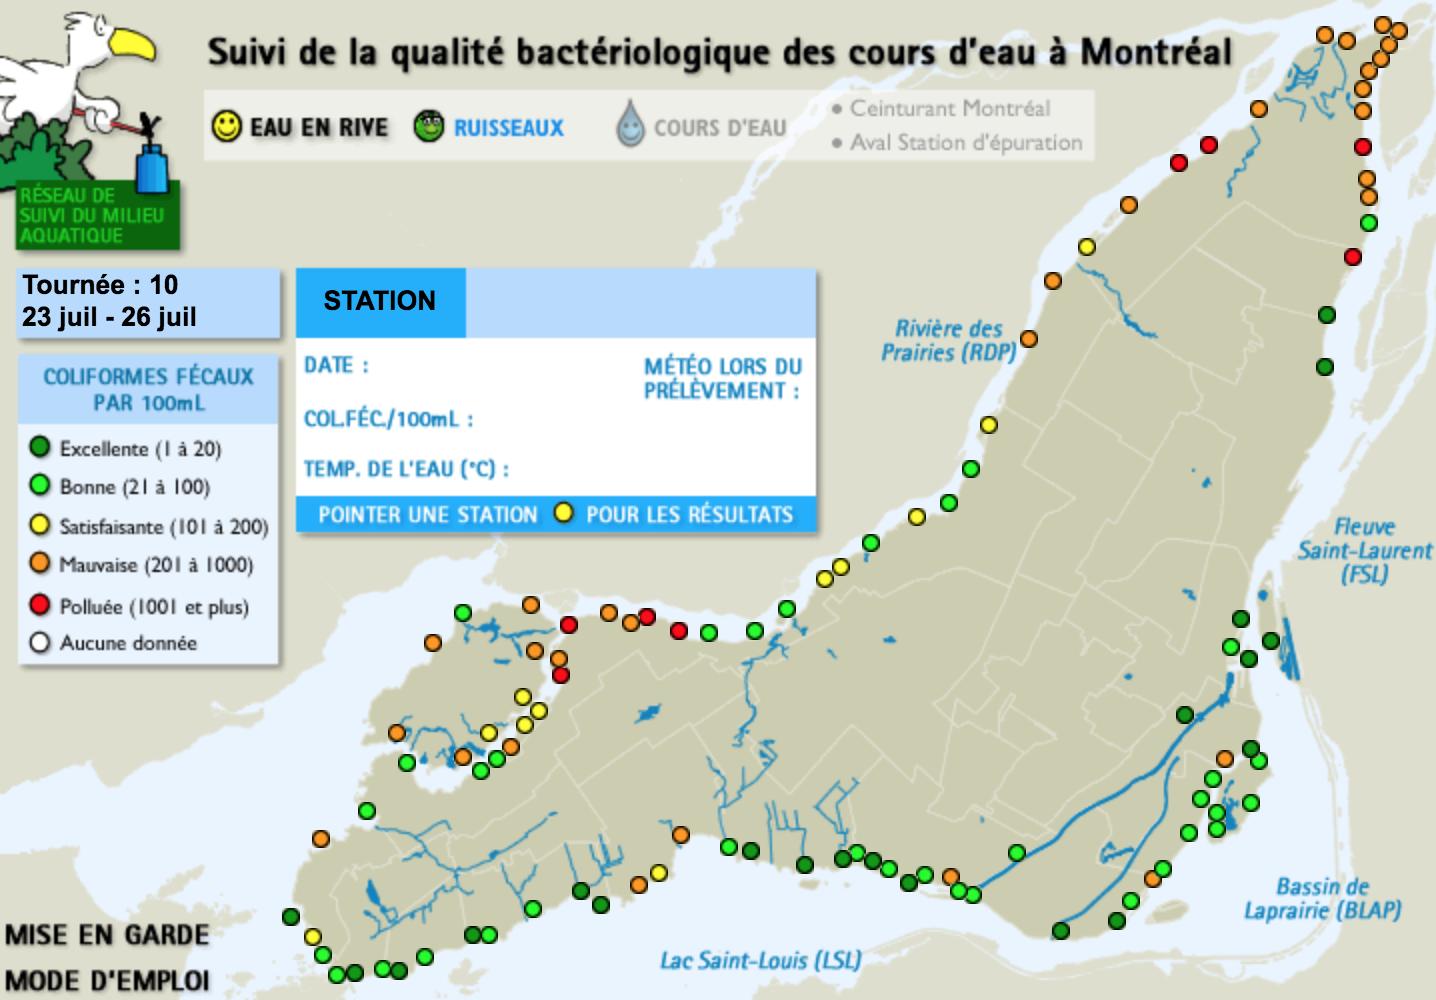 Suivi de la qualité de l'eau du fleuve à Montréal